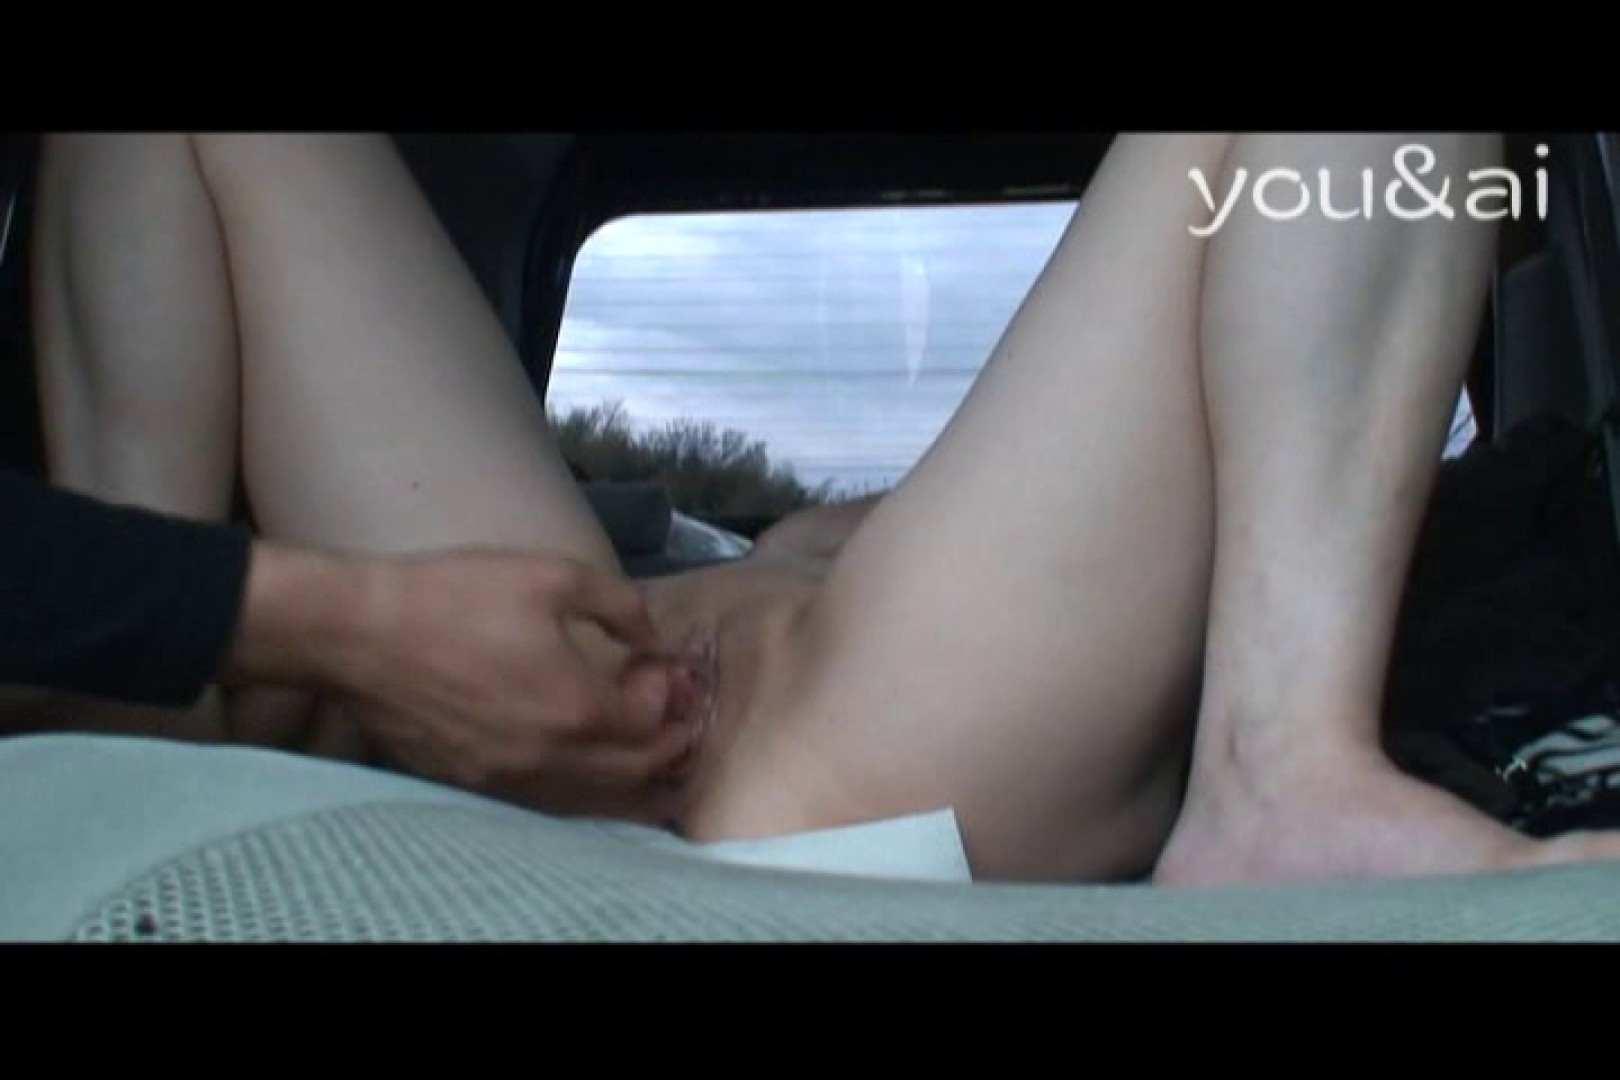 おしどり夫婦のyou&aiさん投稿作品vol.14 OL  111pic 15